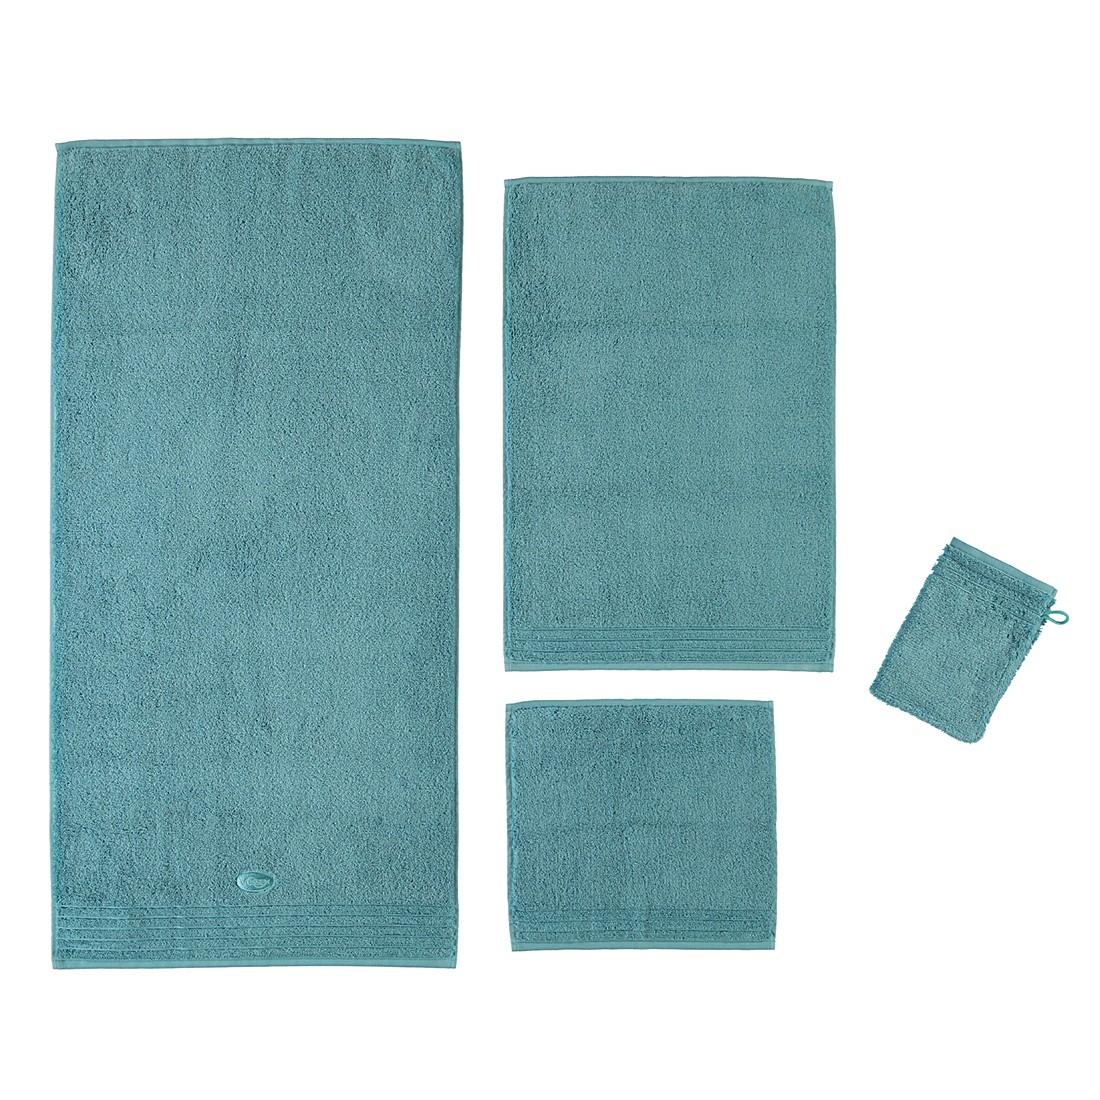 Handtücher Dreams – Baumwolle – Larimar – Duschtuch 67×140 cm, Vossen jetzt kaufen